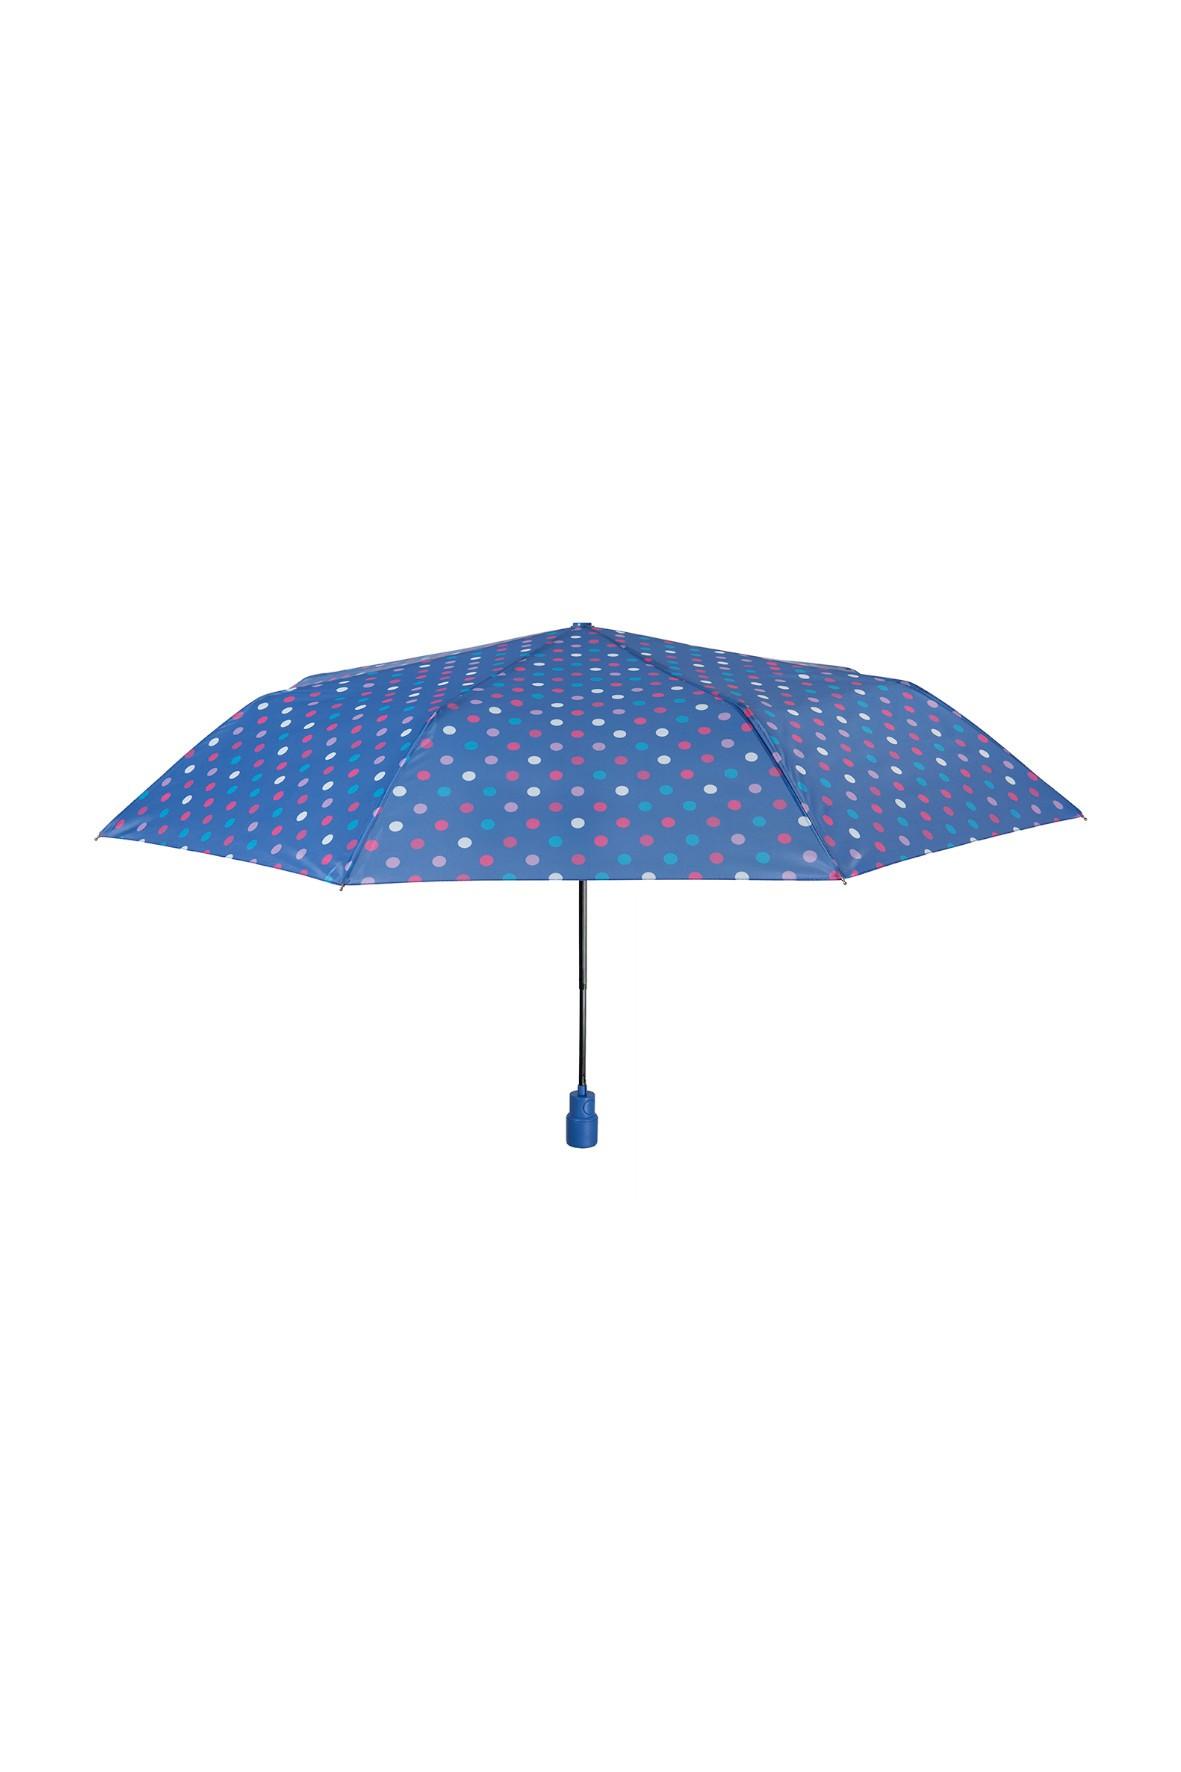 Parasol automatyczny -8 paneli średnica 99cm -  niebieski w kolorowe grochy